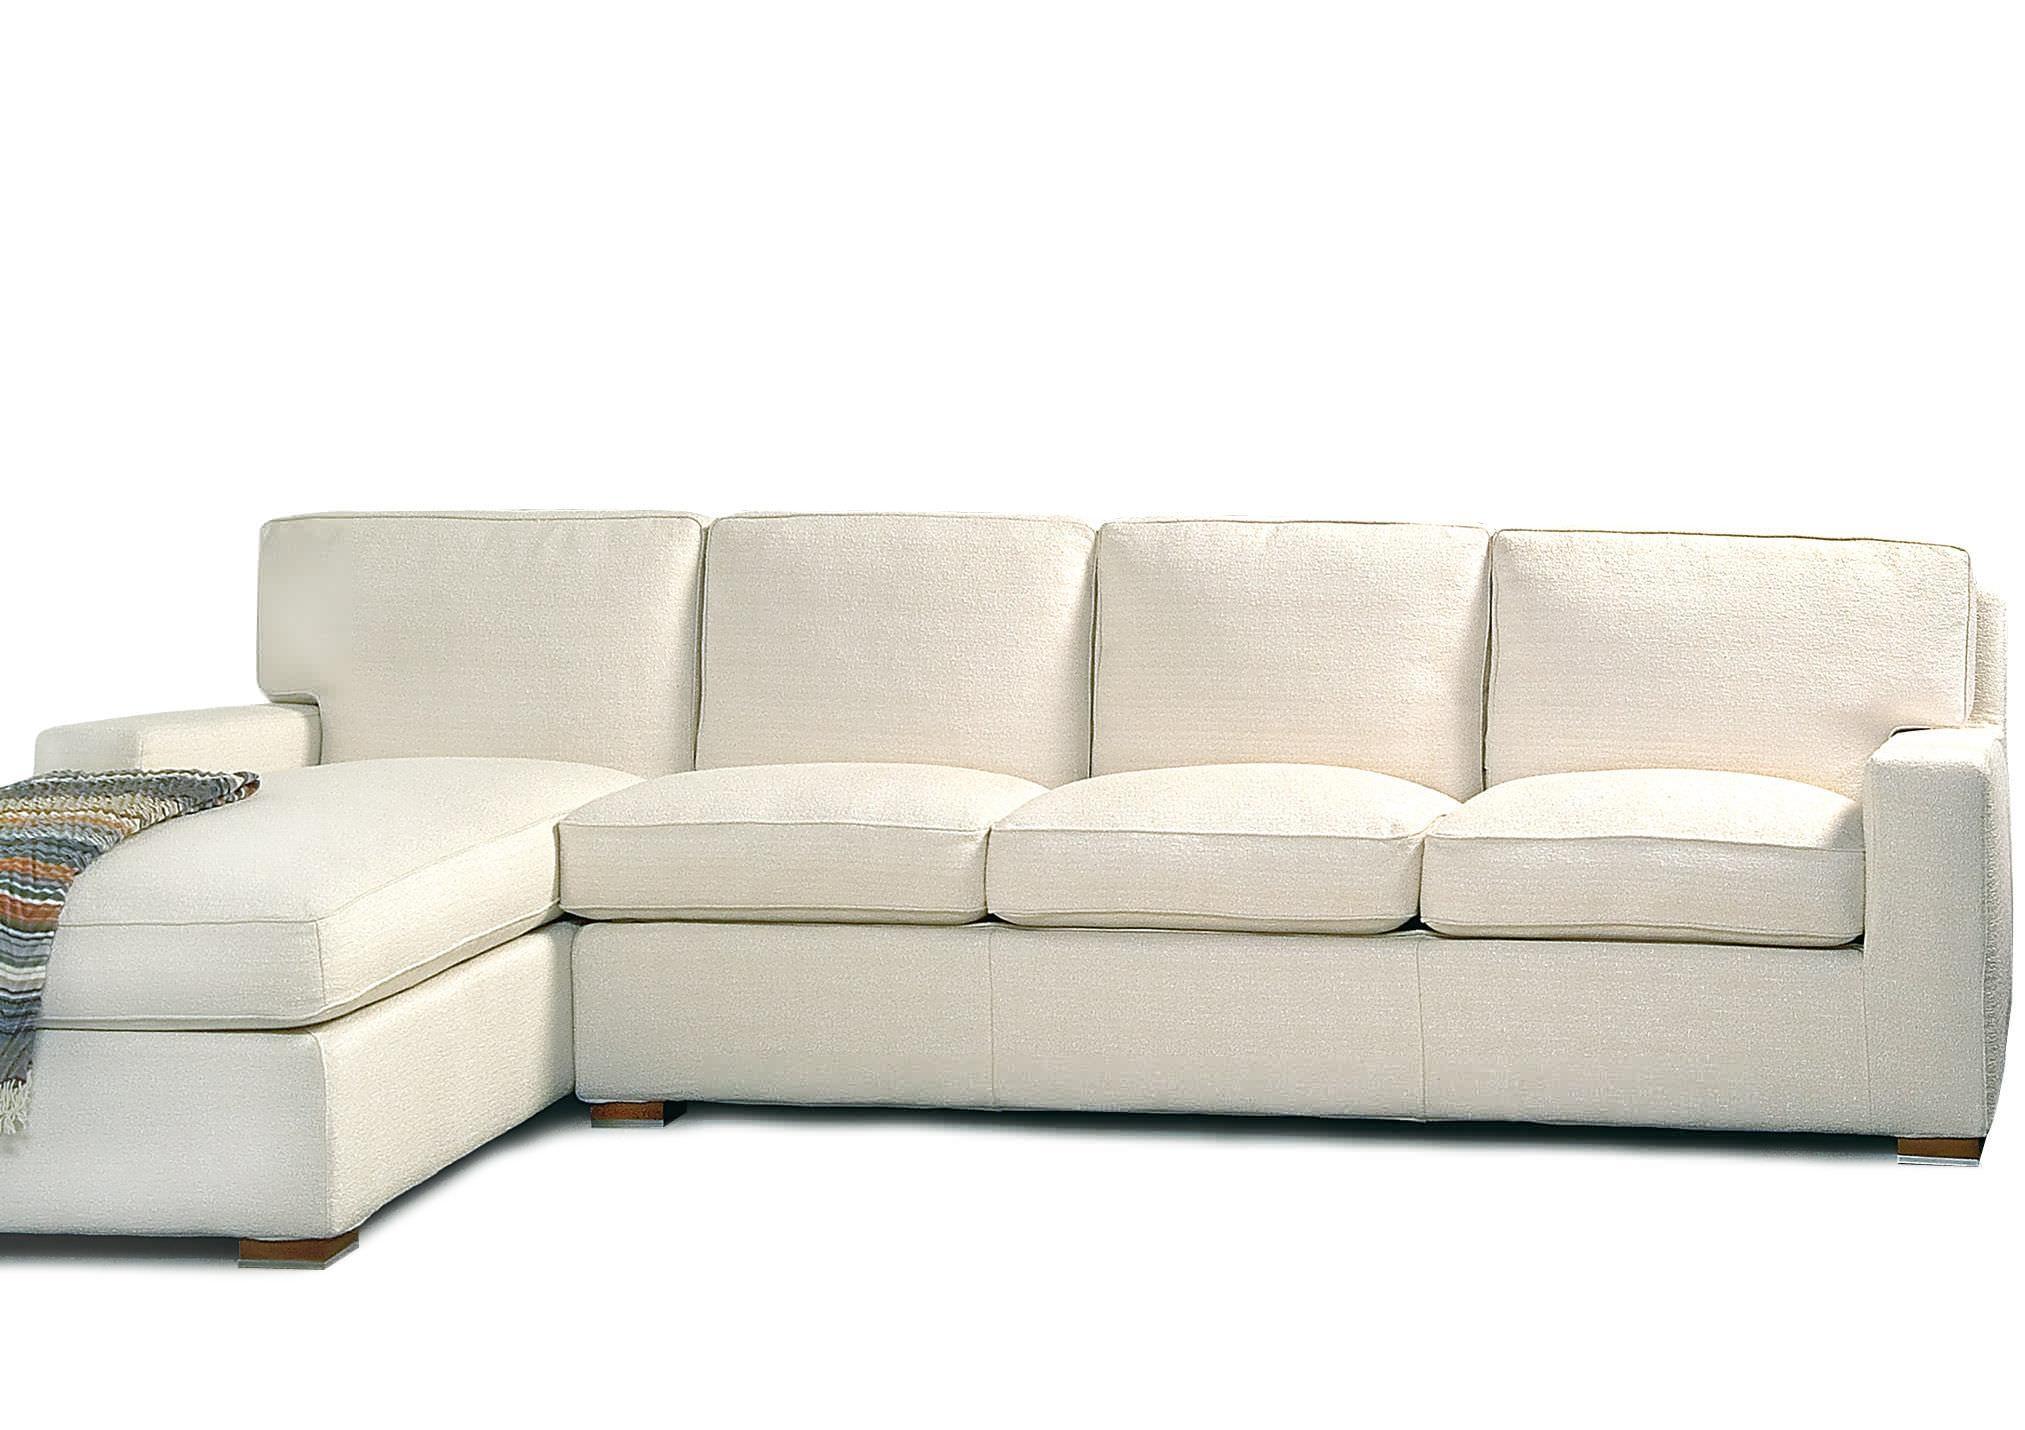 Sofas Center : Sleeper Sofa Austin Texas Furnituresleeper Throughout Austin Sleeper Sofas (View 16 of 20)